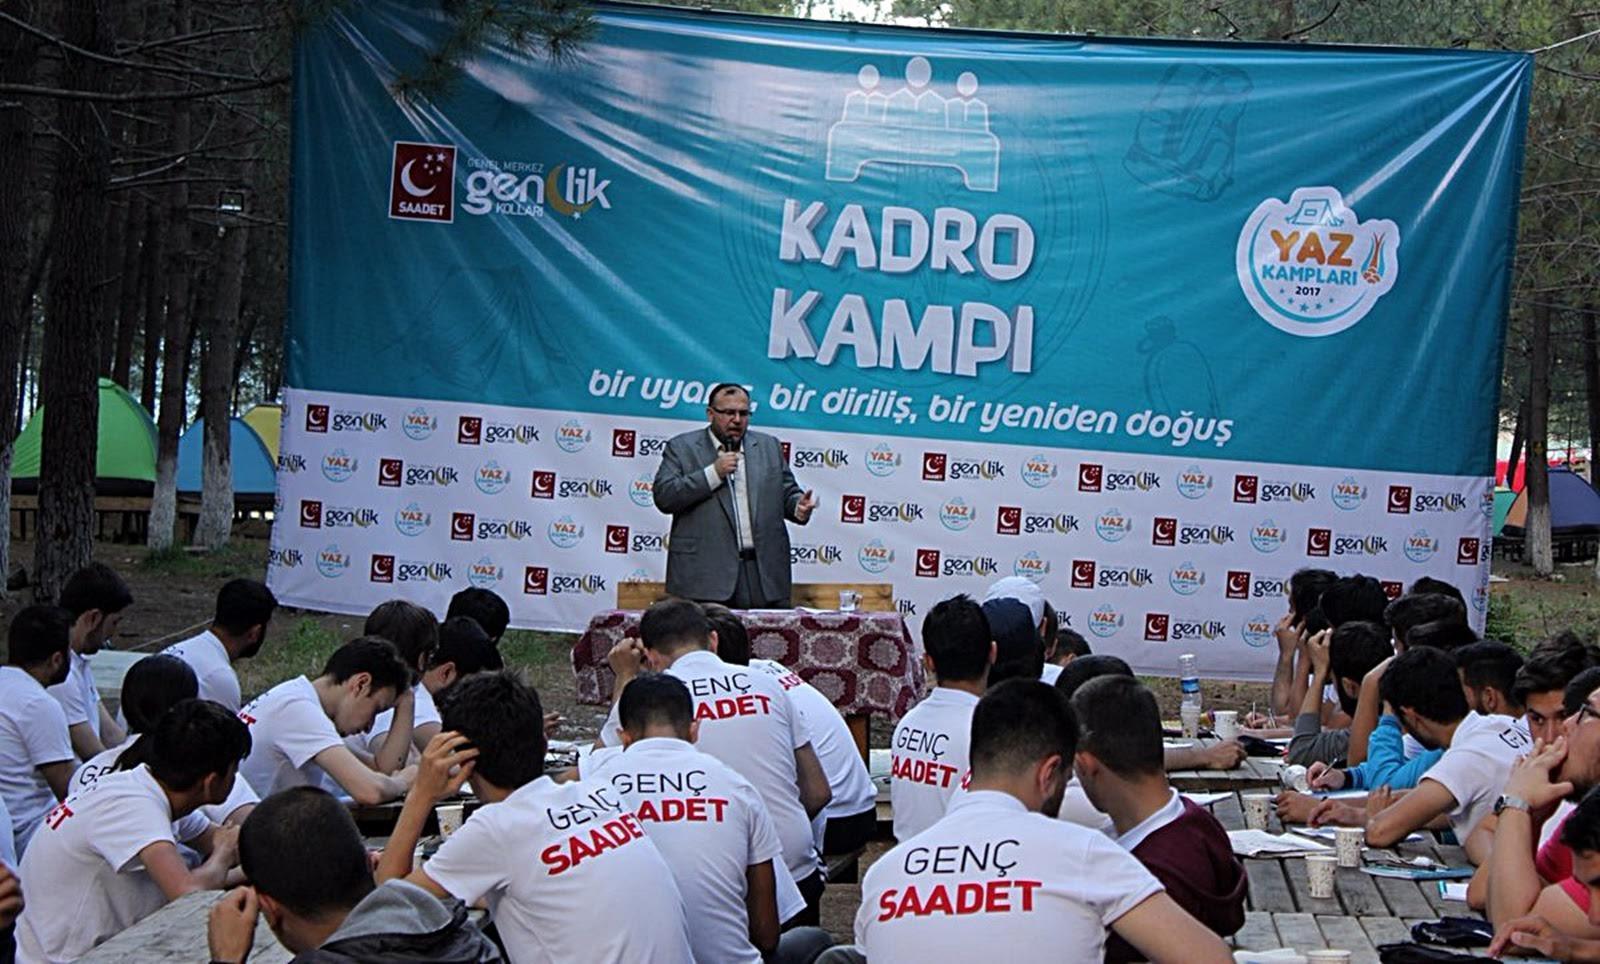 Çalışkan Saadet Partisi Gençlik Kolları'nın İstanbul Şile'deki yaz eğitimi kampına konuşmacı olarak katıldı